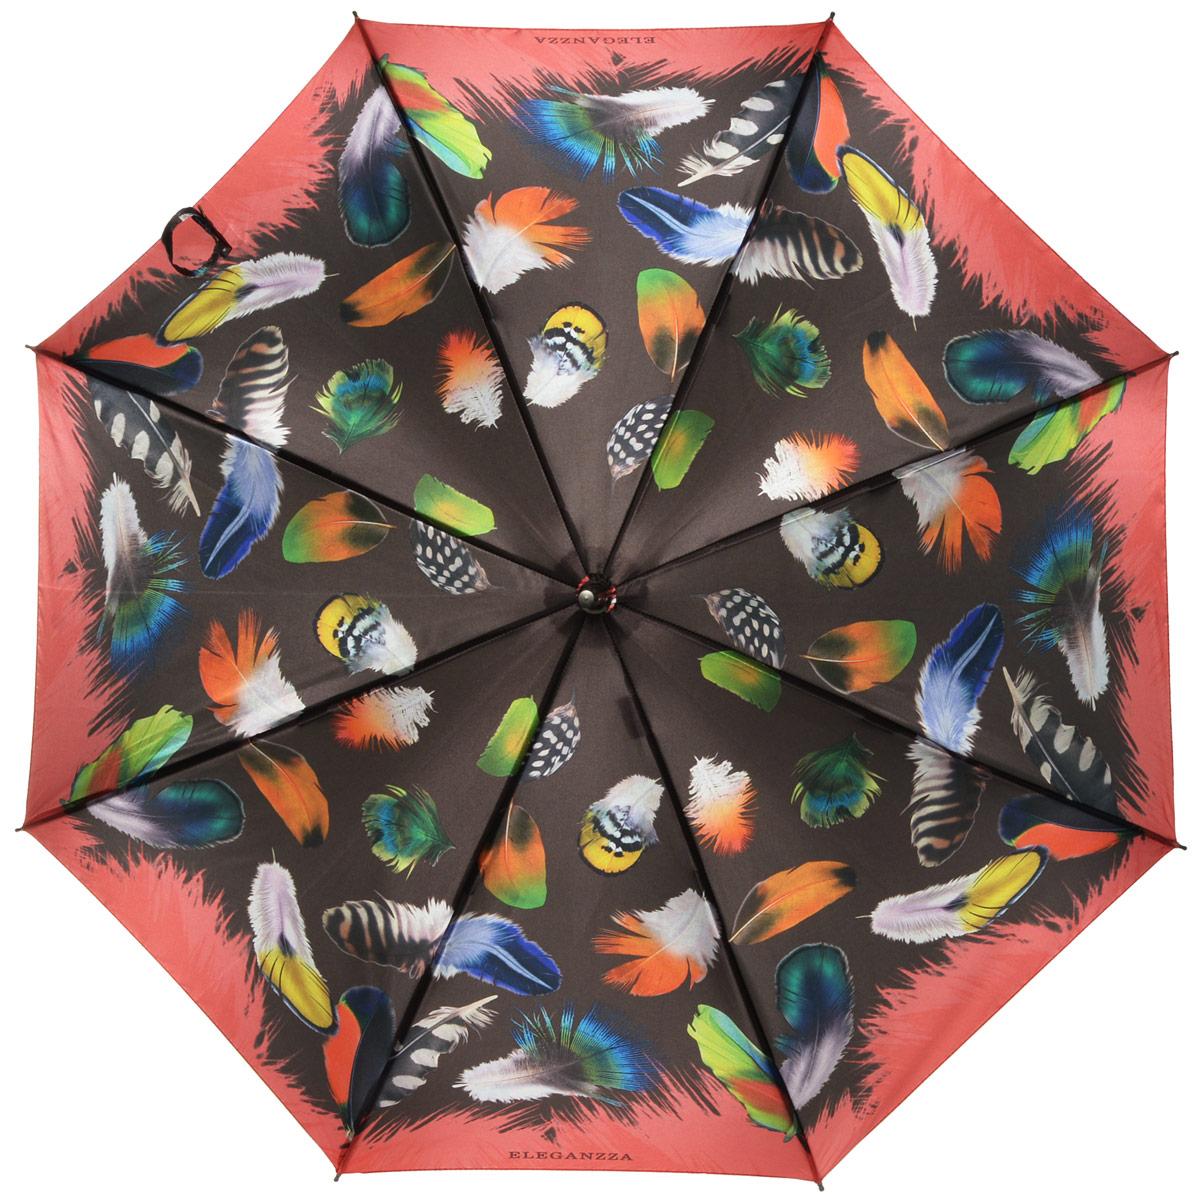 Зонт-трость женский Eleganzza, механика, цвет: коричневый, мультиколор. T-06-0244T-06-0244Элегантный женский зонт-трость Eleganzza не оставит вас незамеченной. Изделие оформлено оригинальным принтом в виде цветов. Зонт состоит из восьми спиц и стержня, изготовленных из алюминия и фибергласса. Купол выполнен из качественного полиэстера и сатина, которые не пропускают воду. Зонт дополнен удобной ручкой из акрила, которая выполнена в виде бусин и имеет форму крючка. Также зонт имеет заостренный наконечник, который устраняет попадание воды на стержень и уберегает зонт от повреждений. Изделие имеет механический способ сложения: и купол, и стержень открываются и закрываются вручную до характерного щелчка. Зонт закрывается хлястиком на кнопку. Оригинальный и практичный аксессуар даже в ненастную погоду позволит вам оставаться женственной и привлекательной.